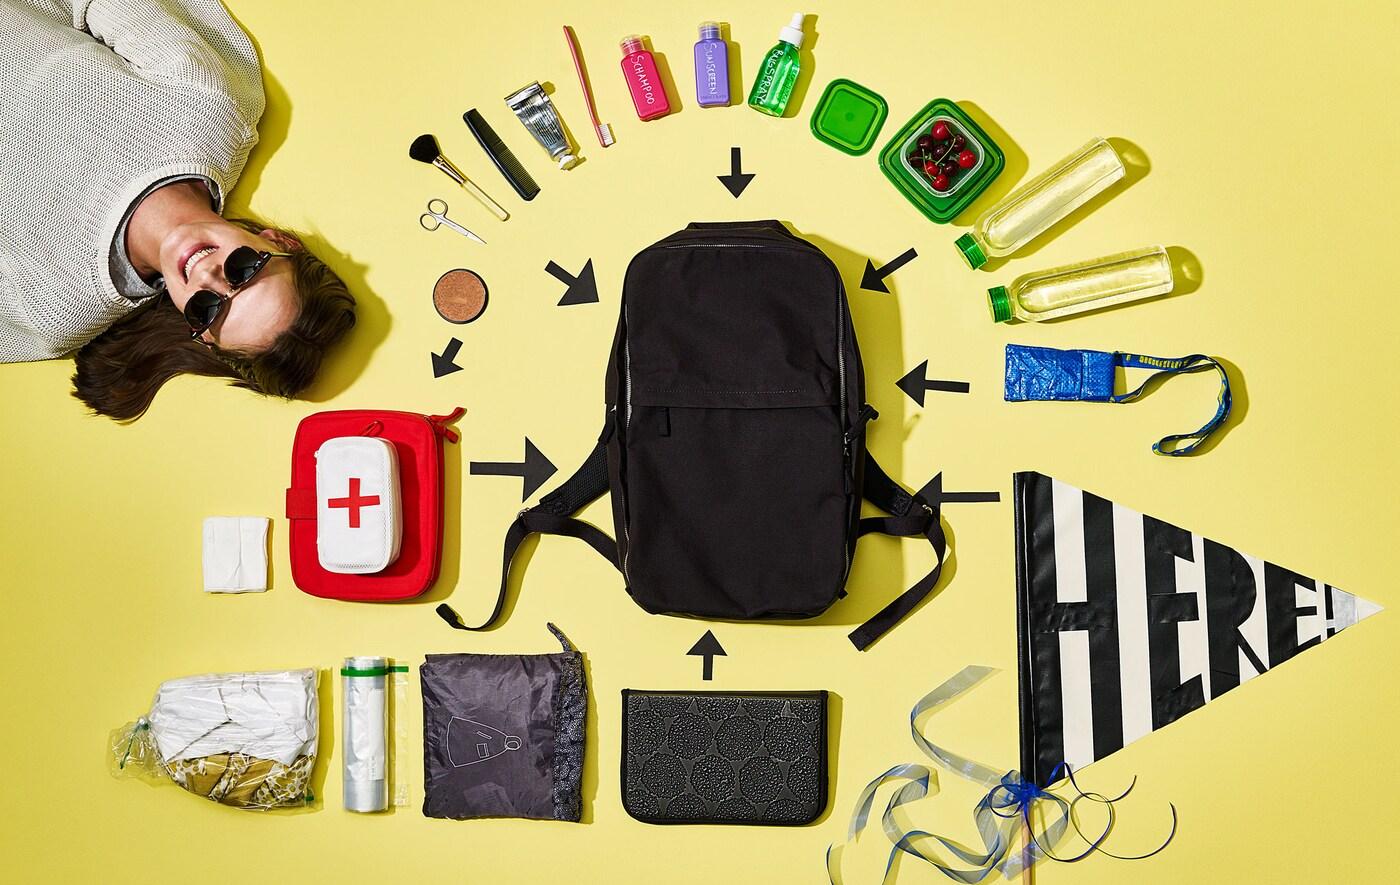 Blick auf den Inhalt eines Rucksack, der rings um den Rucksack angeordnet ist